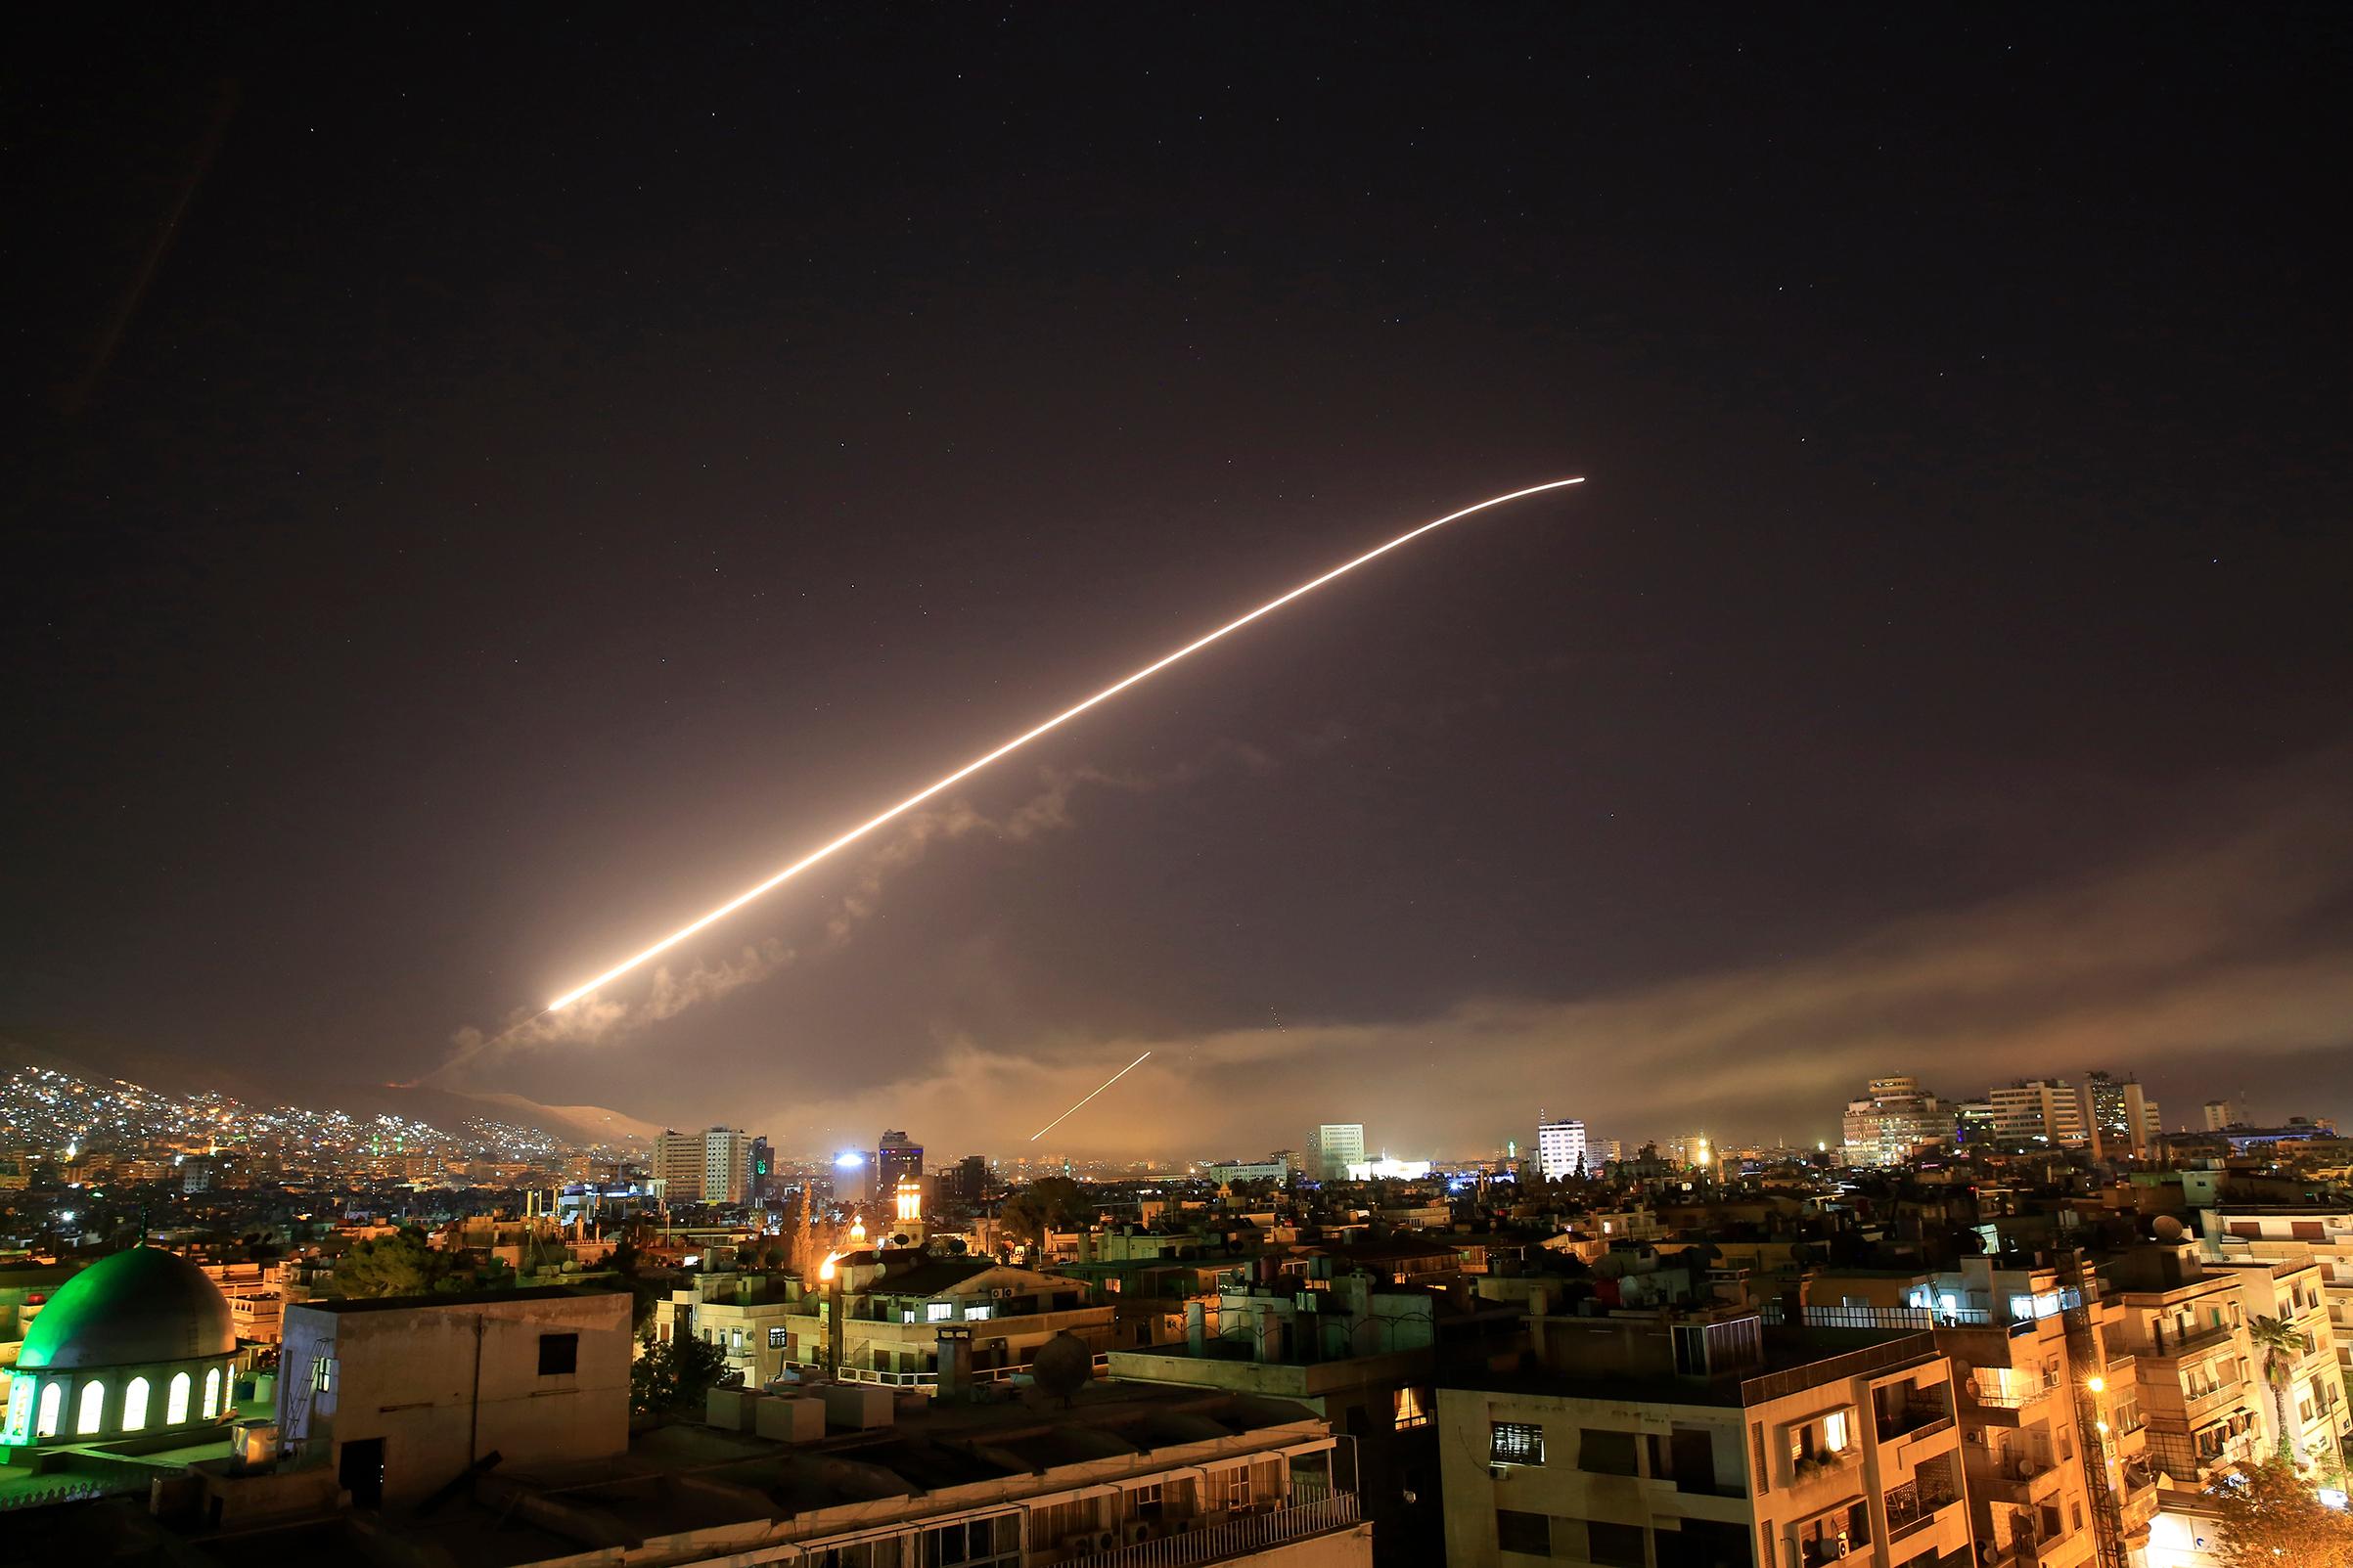 الغارات تضيء سماء دمشق